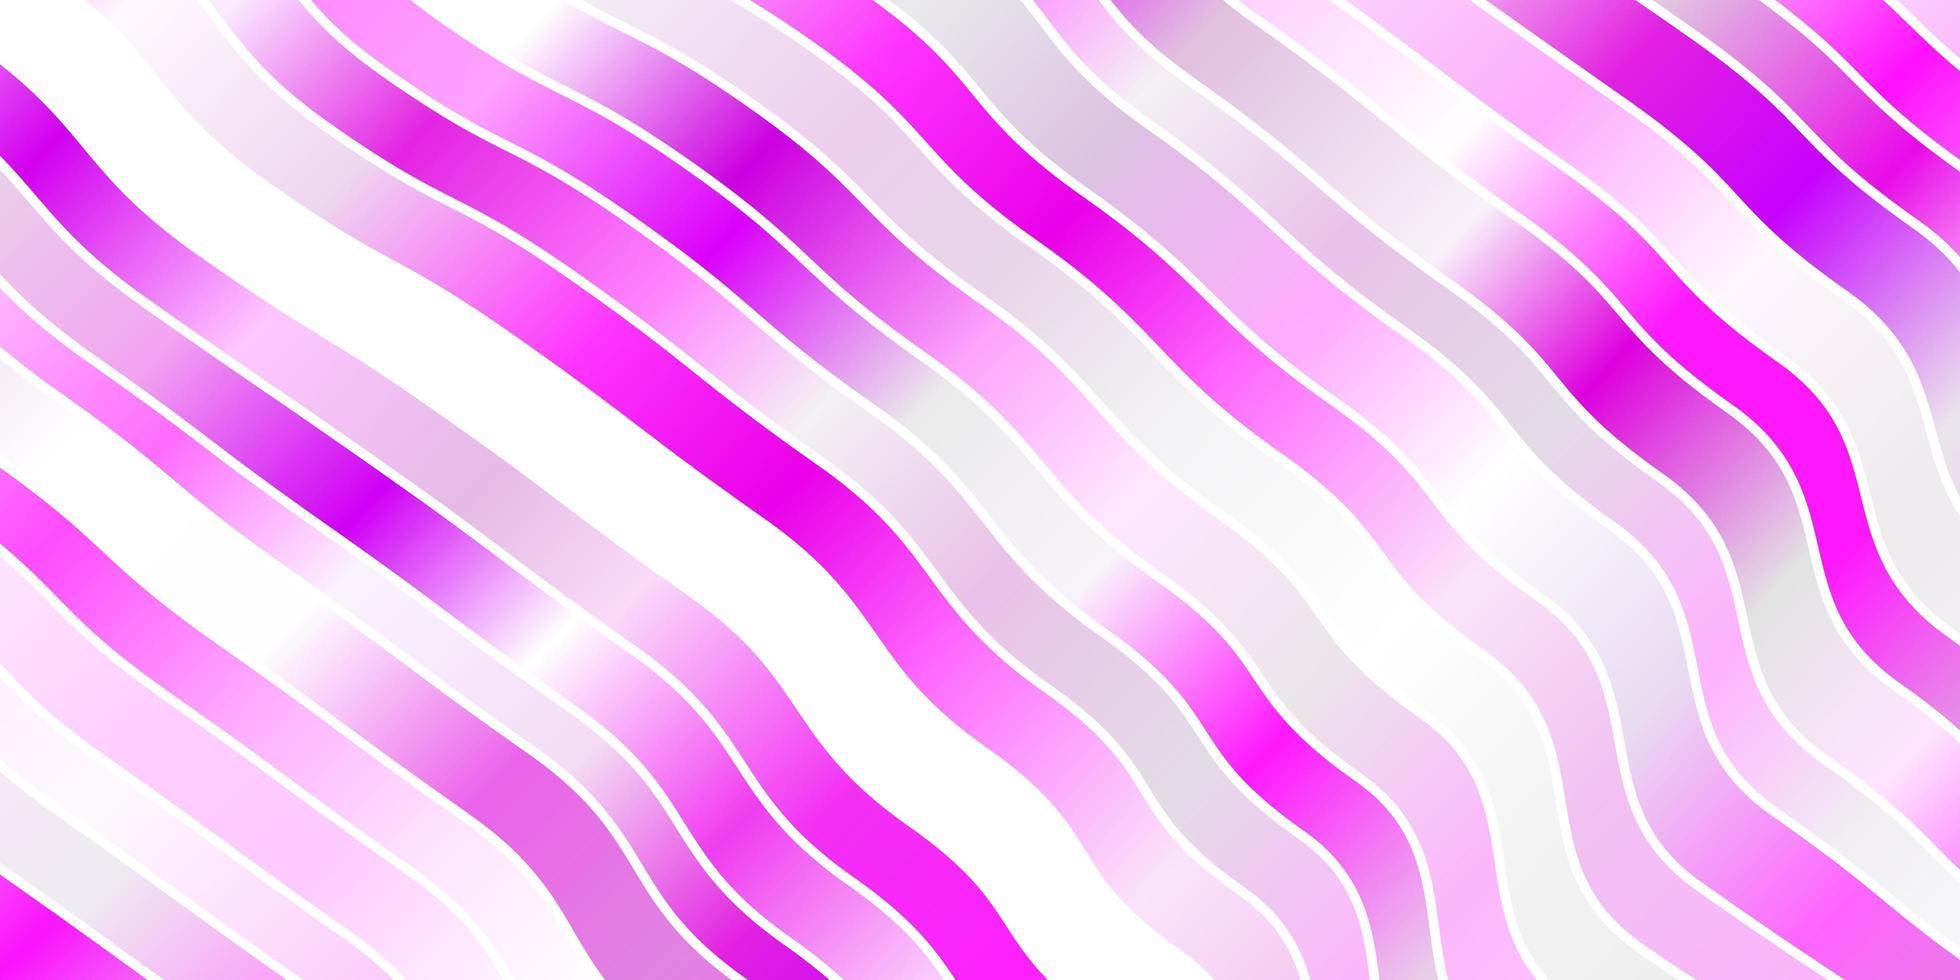 modelo roxo com linhas irônicas. vetor